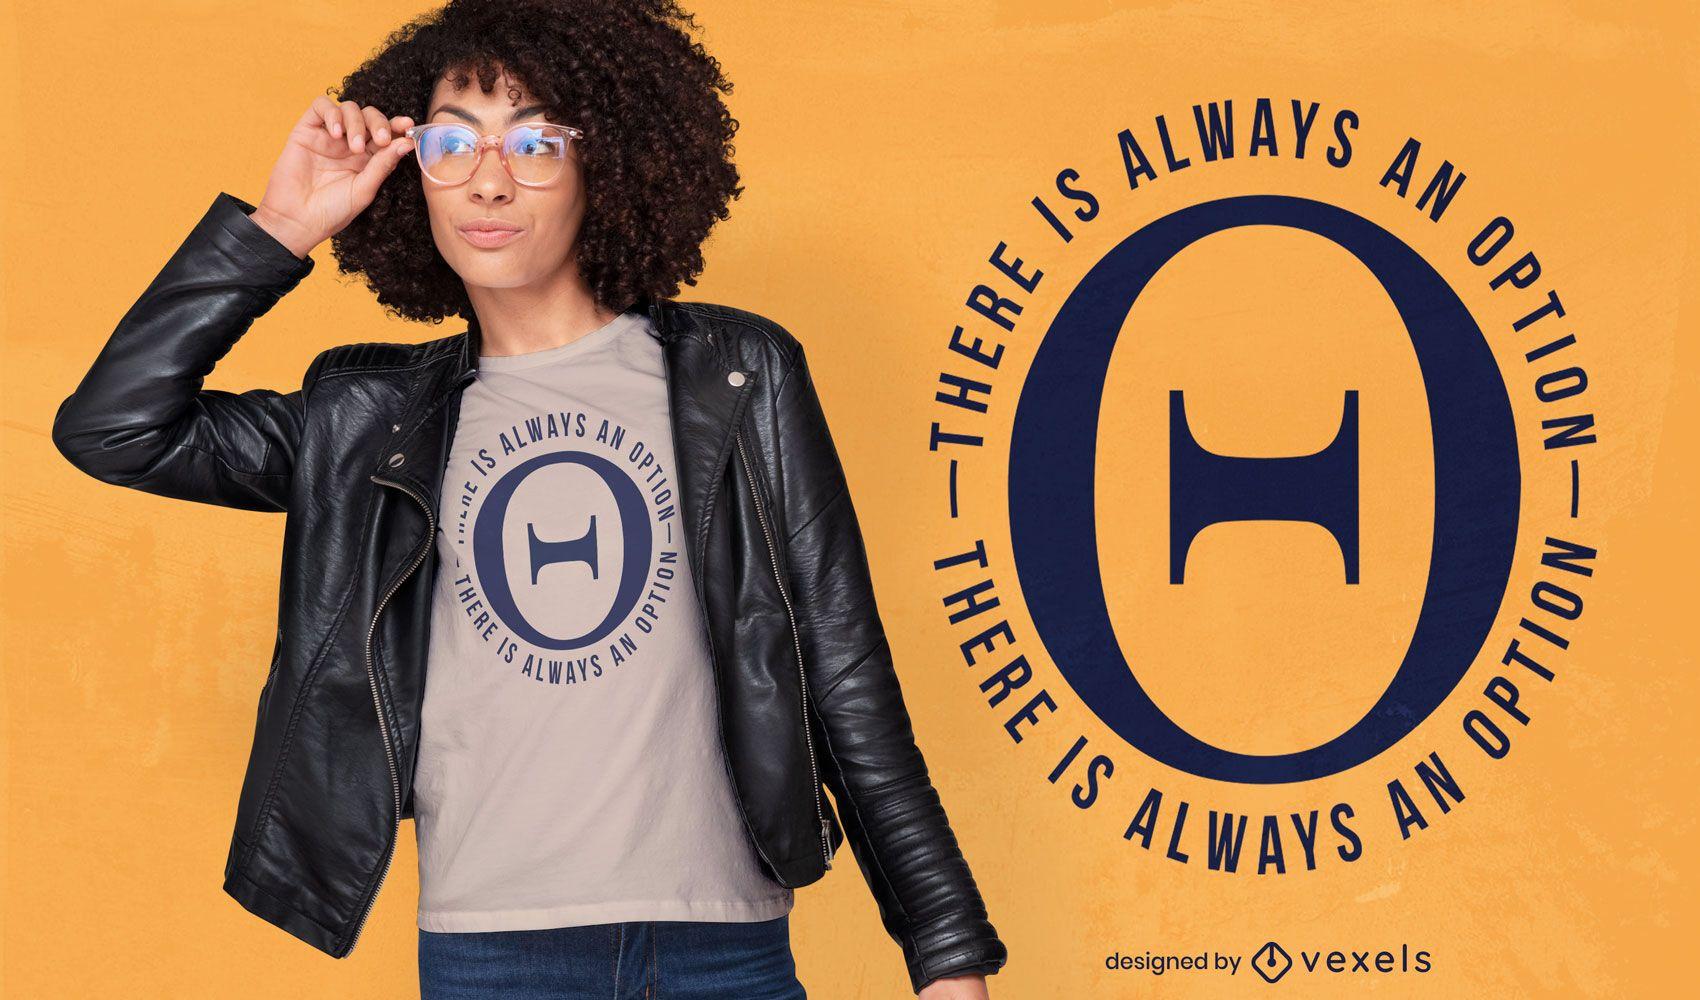 Dise?o de camiseta de letra del alfabeto griego Theta